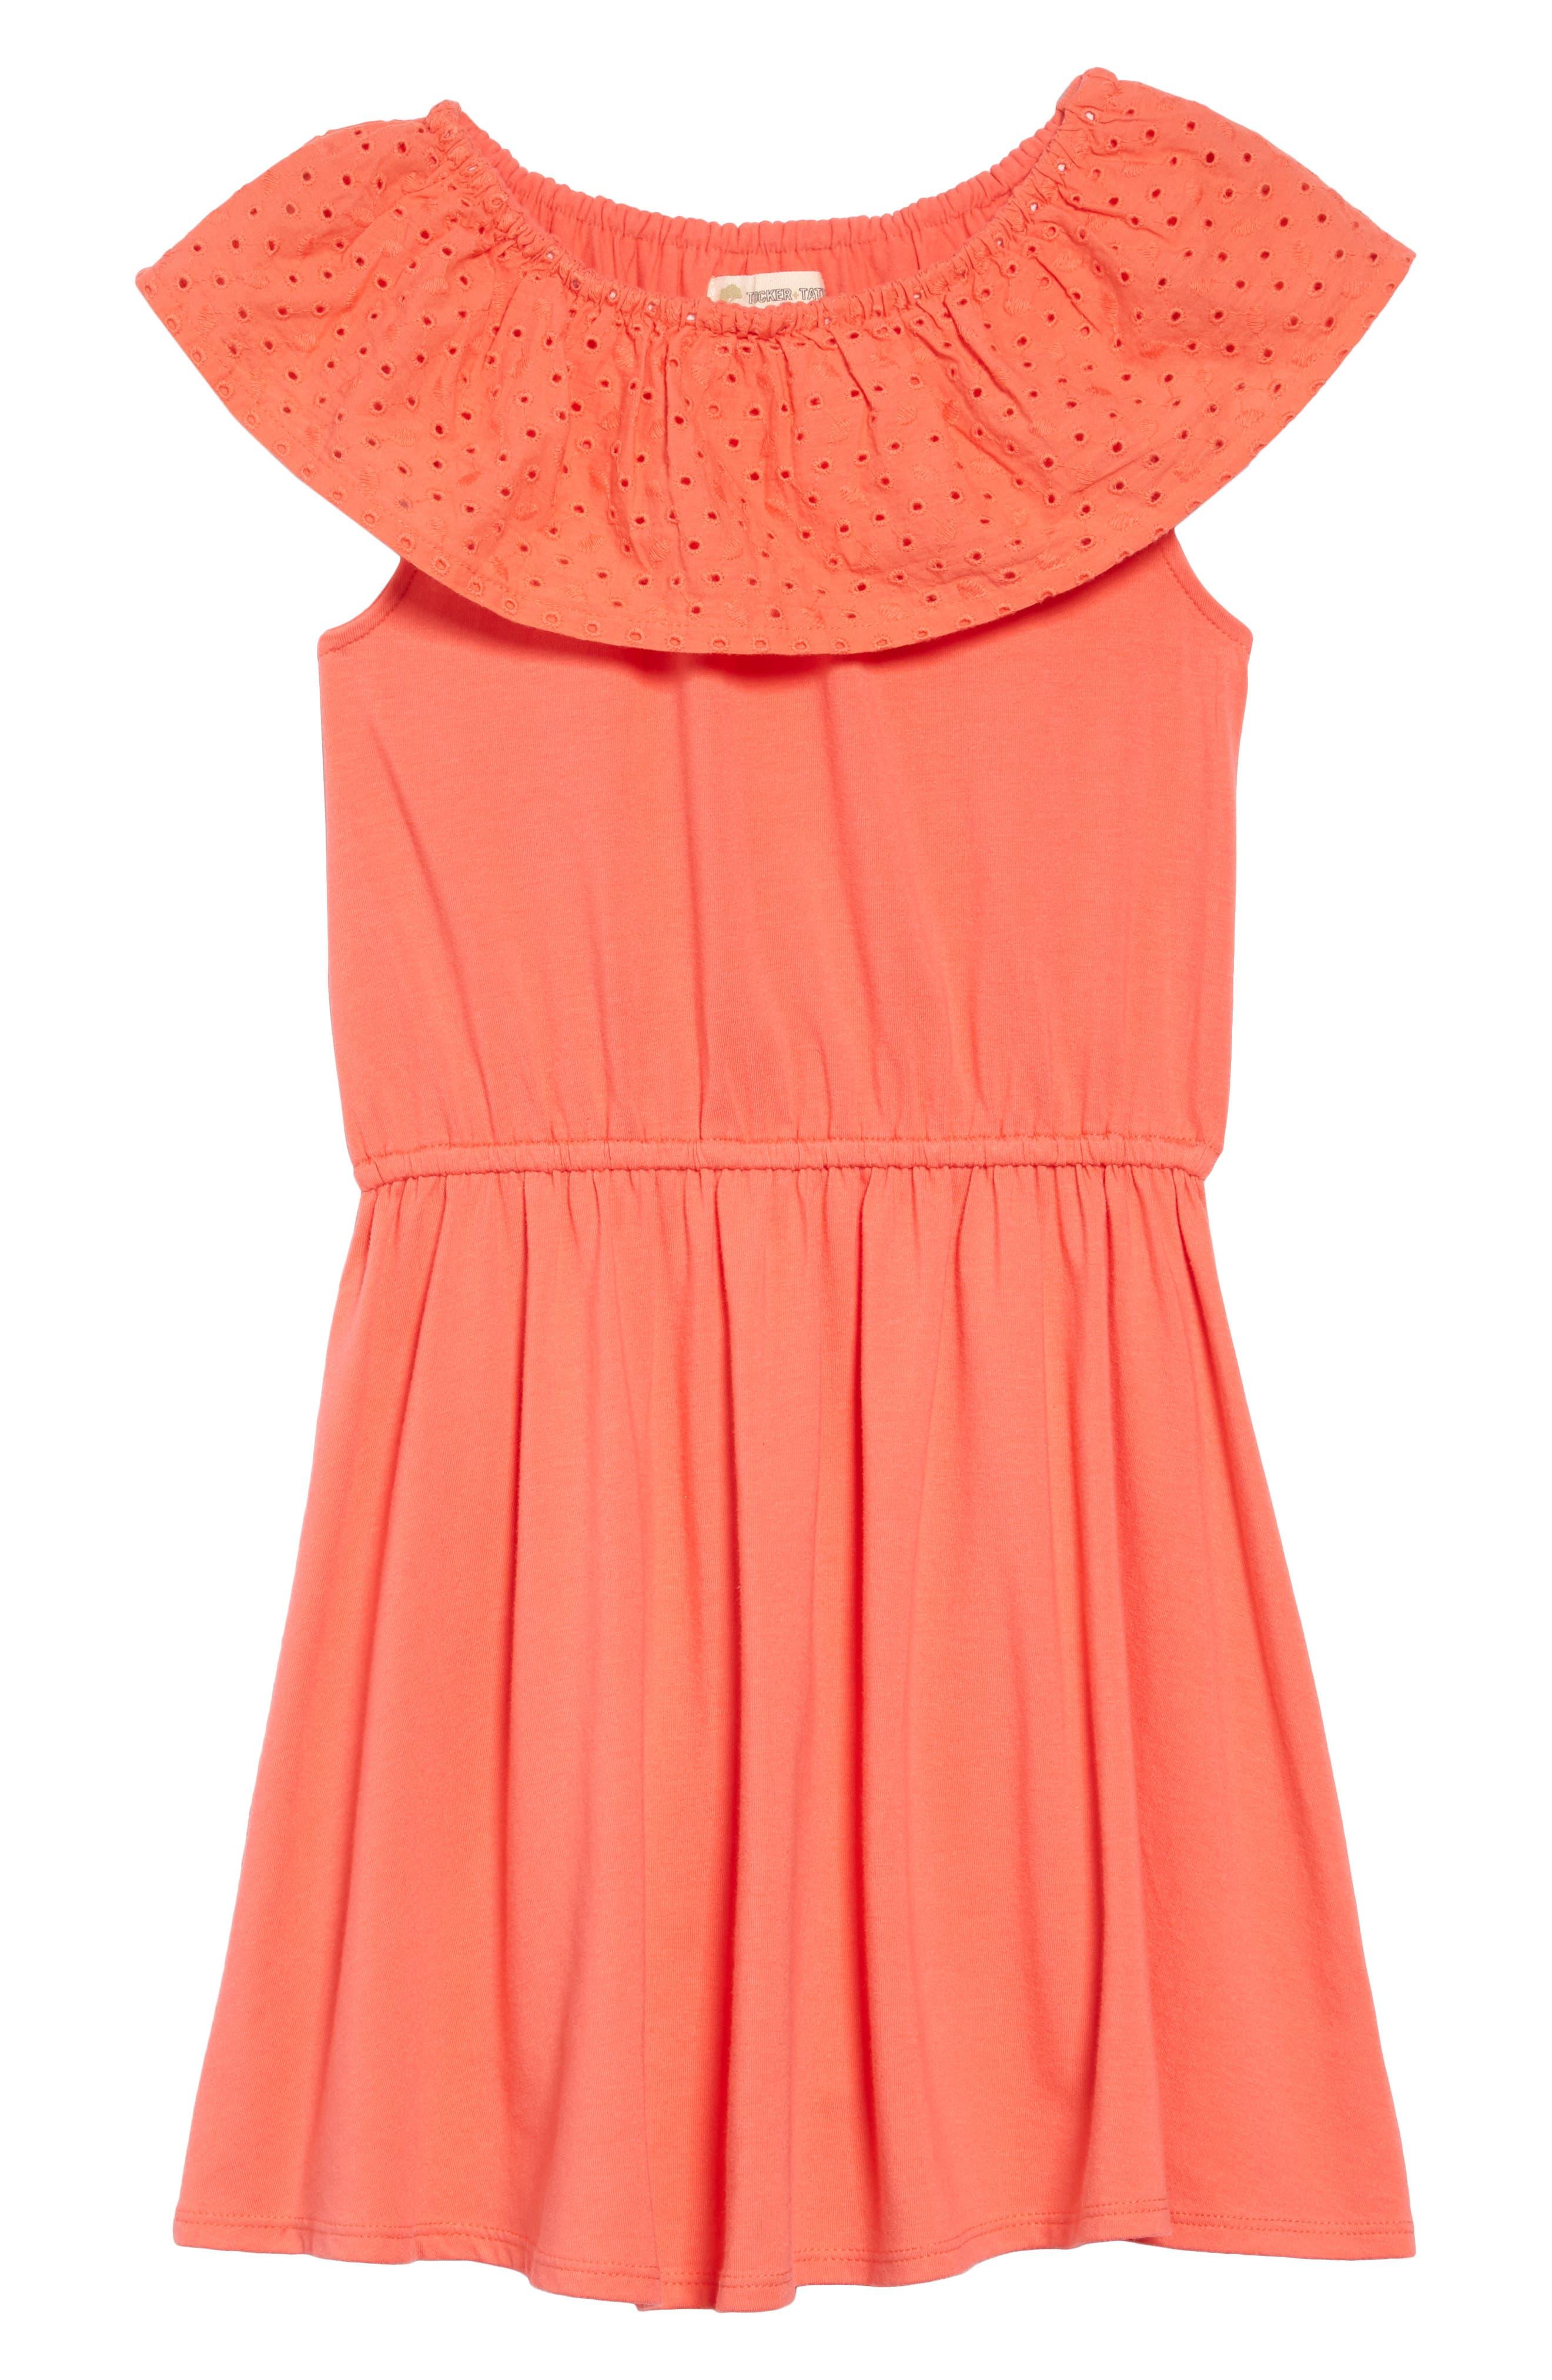 Eyelet Ruffle Knit Dress, Main, color, CORAL GLOW